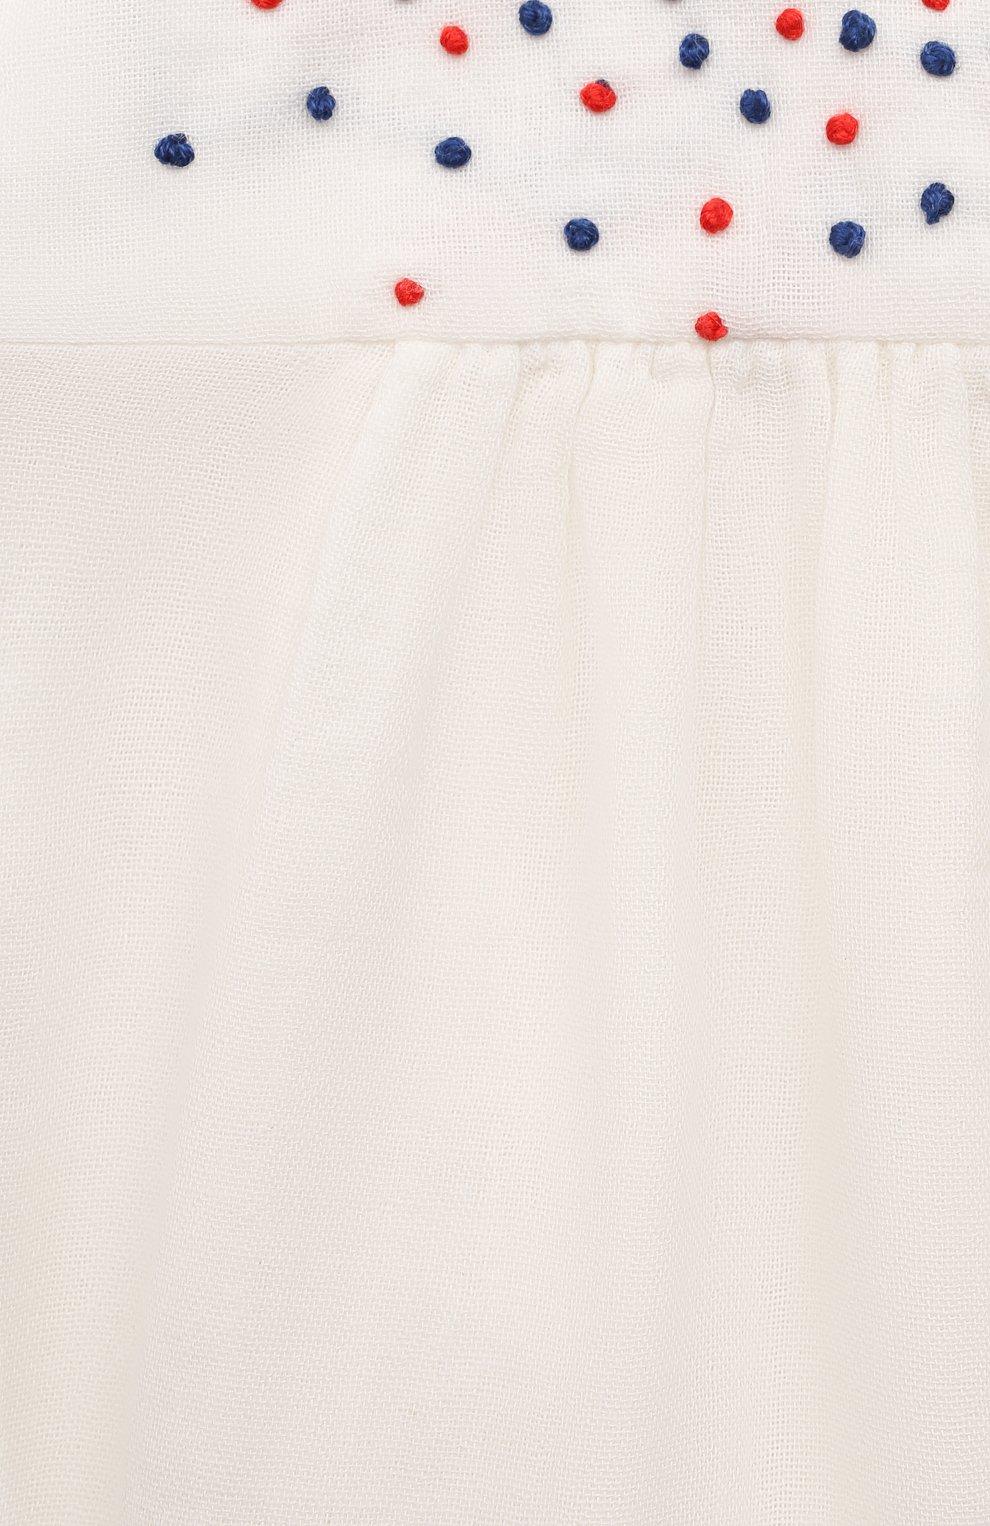 Детский хлопковый топ BONPOINT белого цвета, арт. S01XBLWO0702(002)_842855 | Фото 3 (Рукава: Короткие; Принт: С принтом; Материал внешний: Хлопок; Ростовка одежда: 9 мес | 74 см)